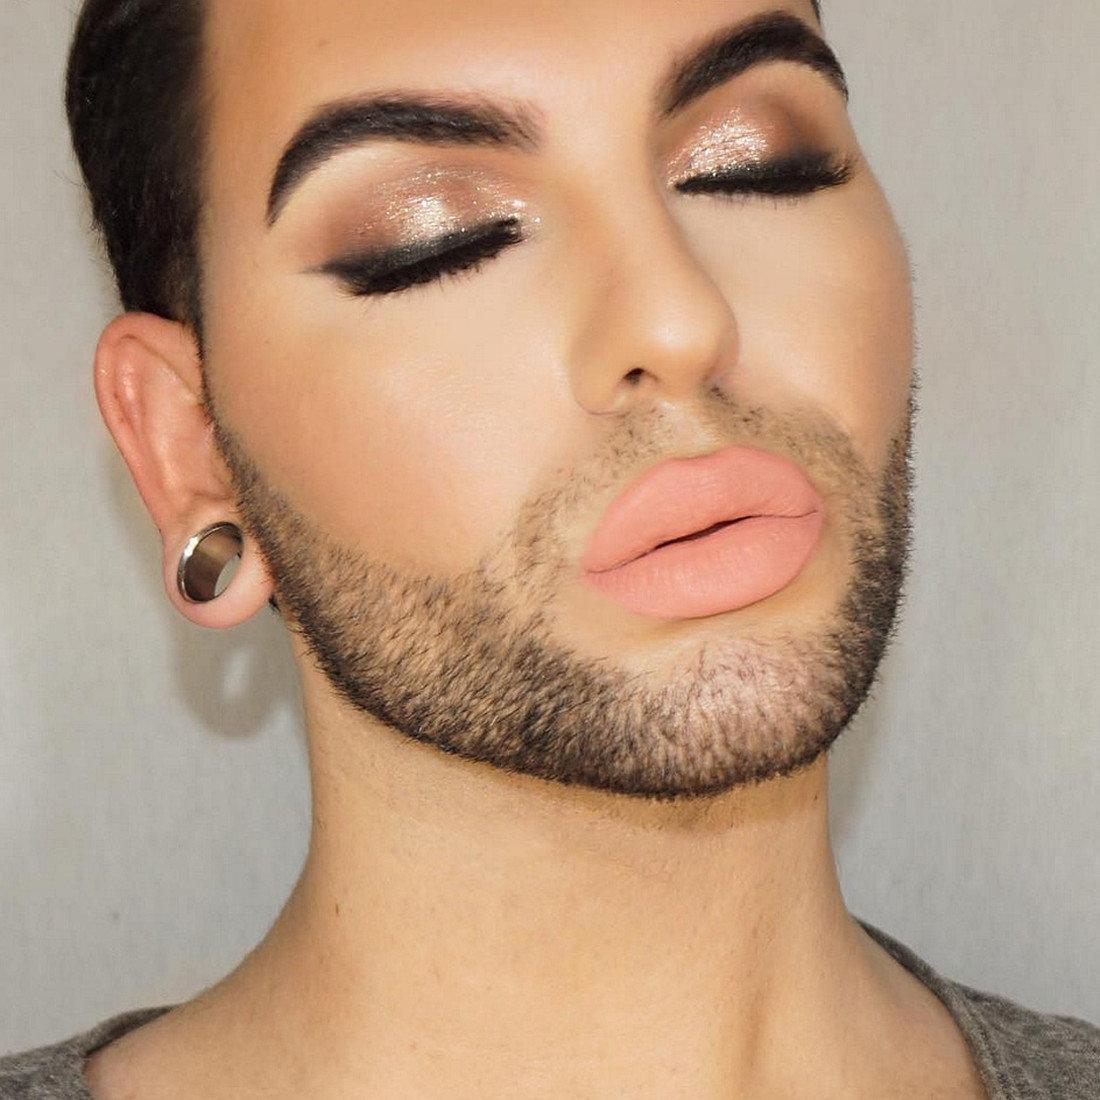 Мужчины с макияжем картинки